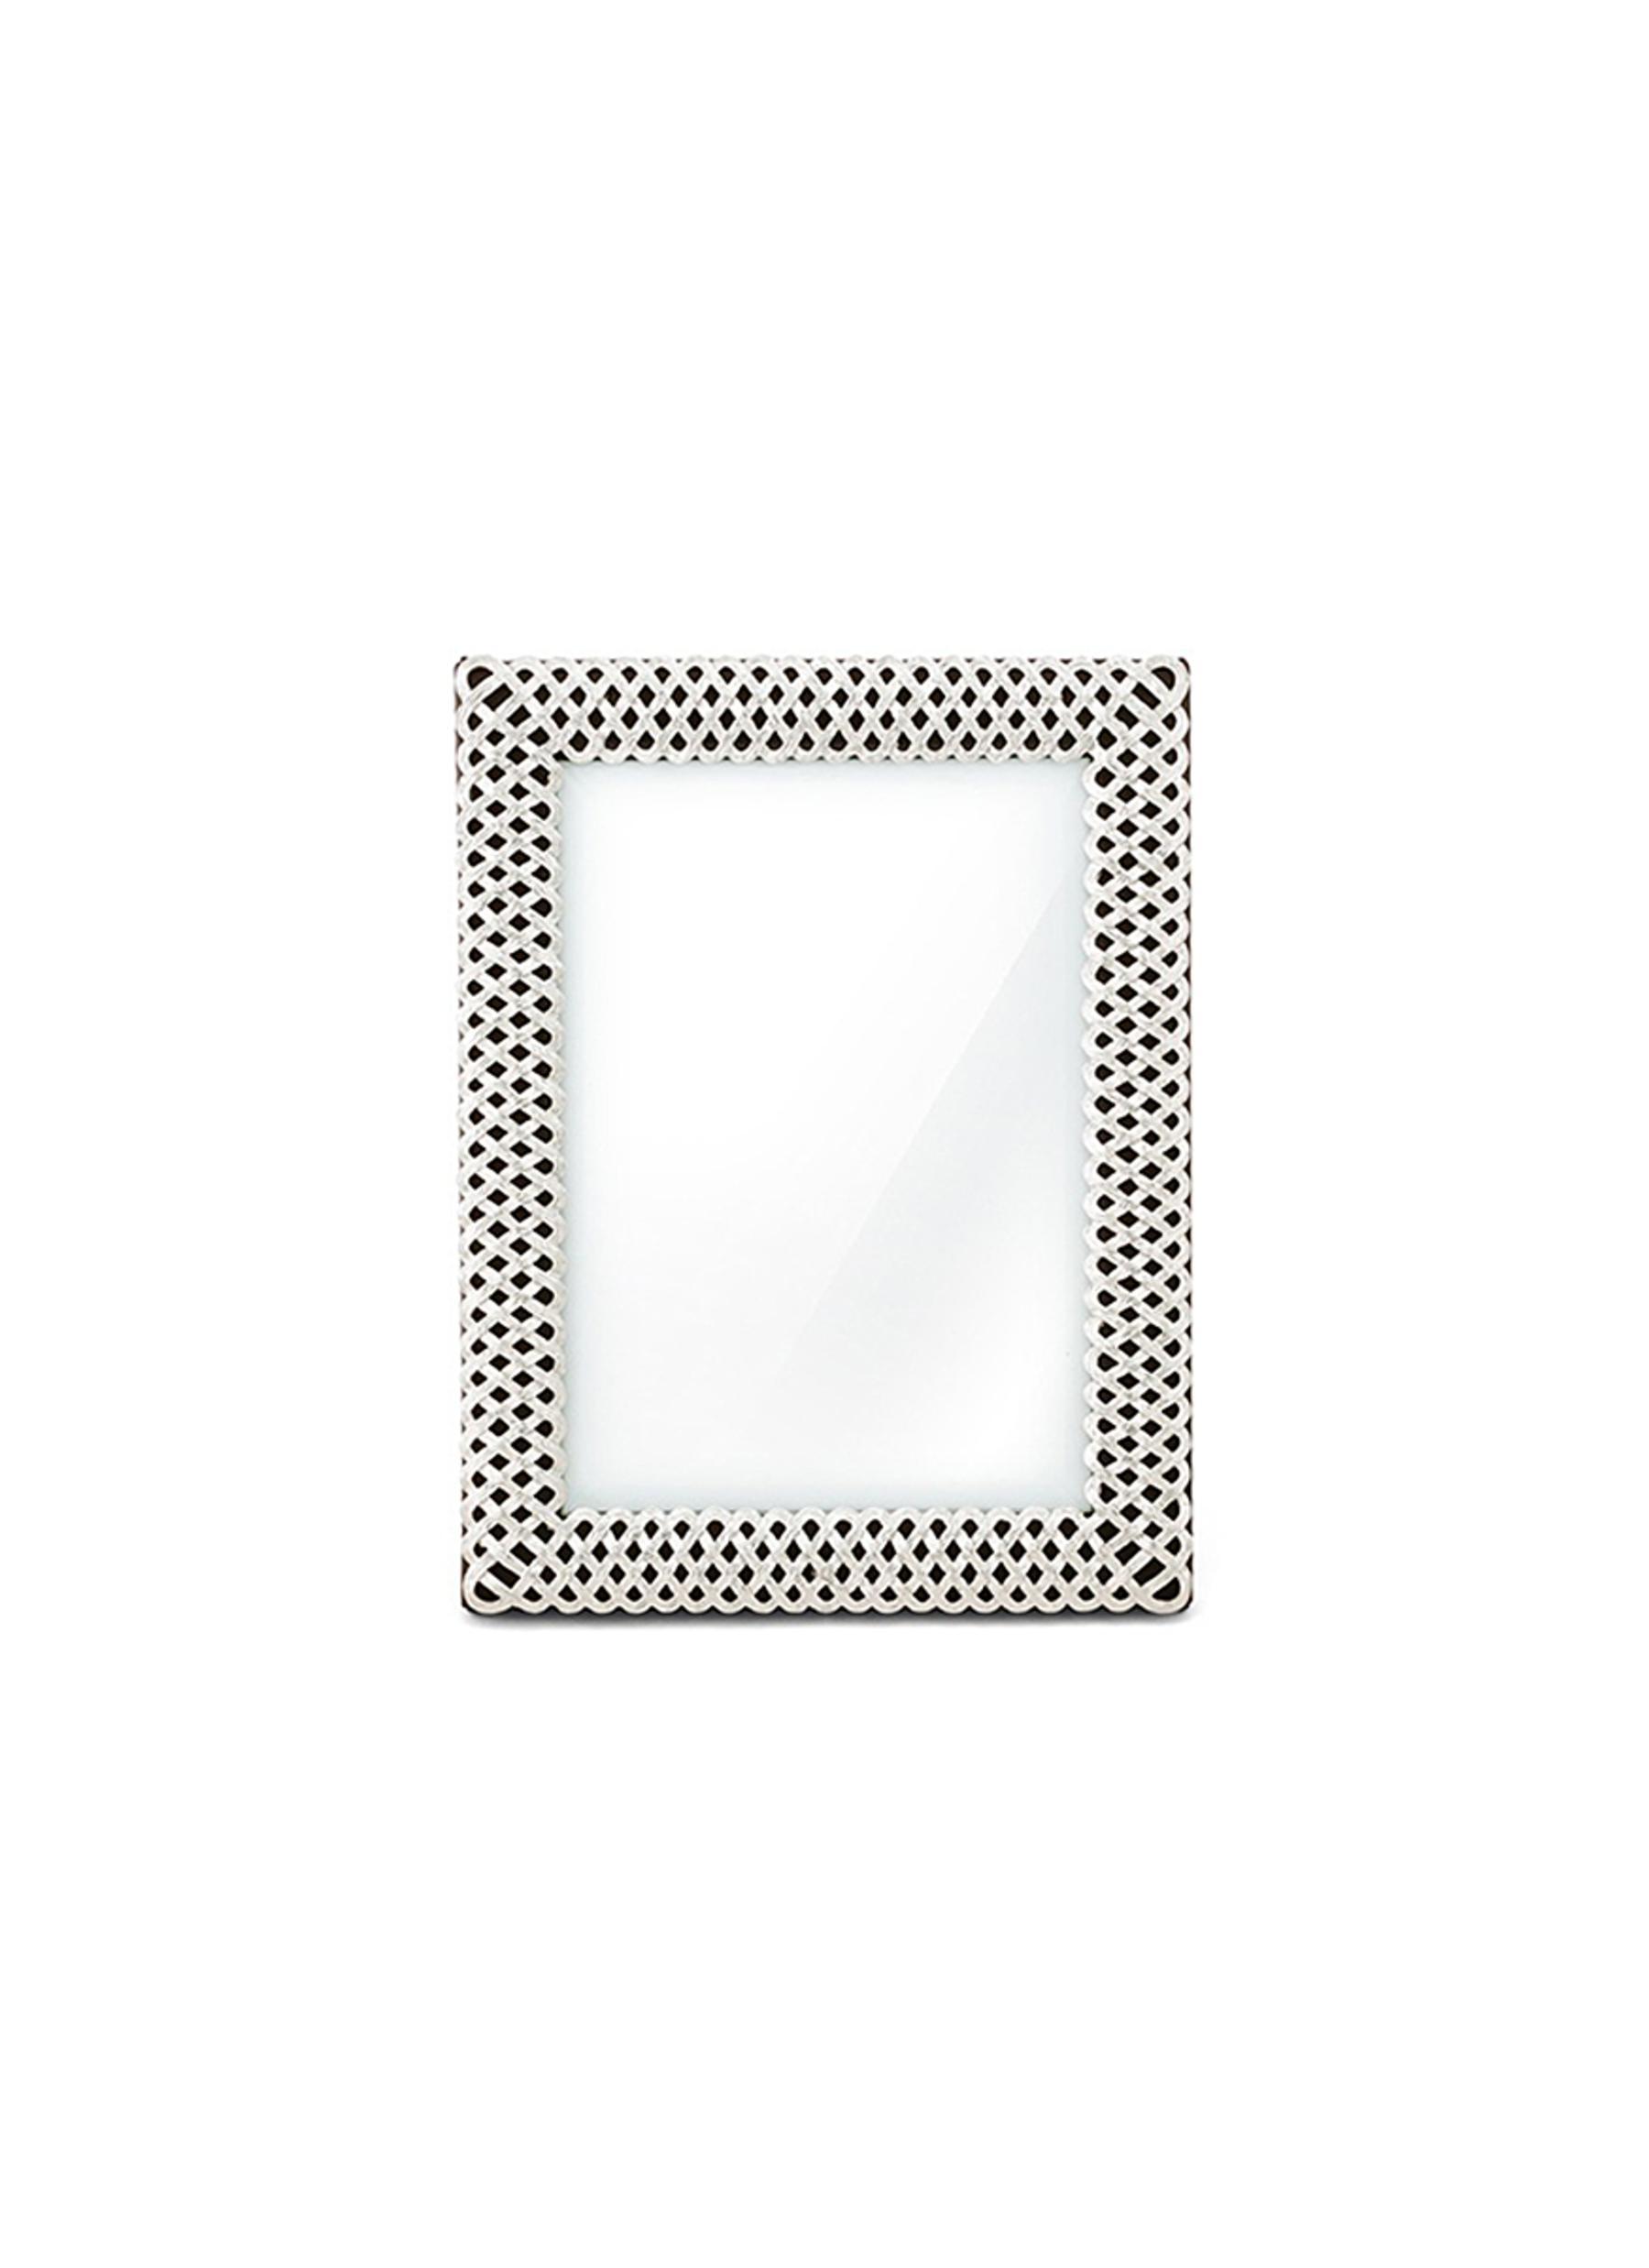 银色编织边框设计